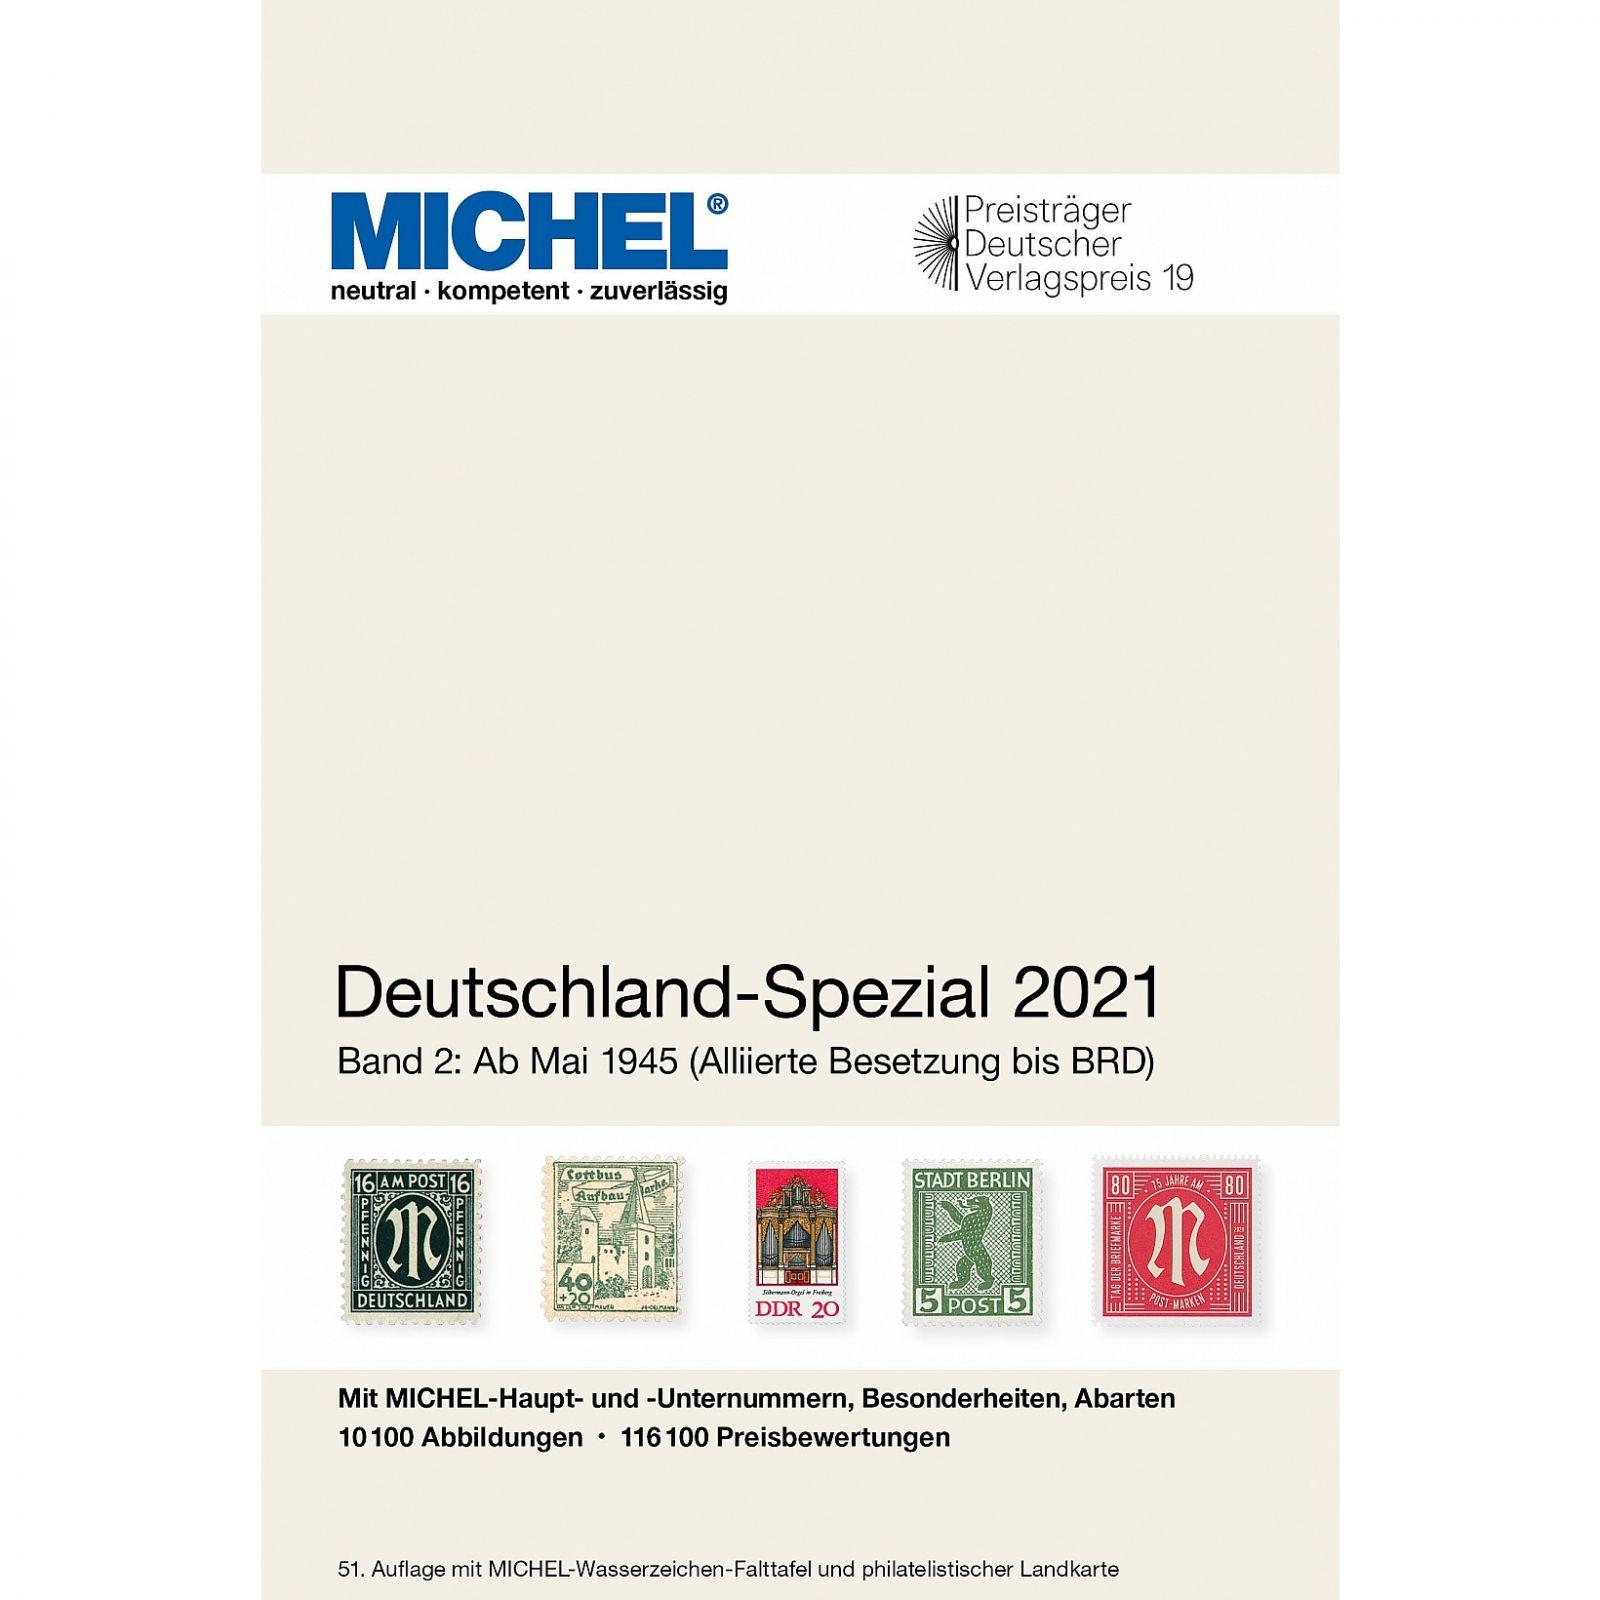 Michel 2021 - Německo speciál po r. 1945 (díl. 2)   www.tgw.cz